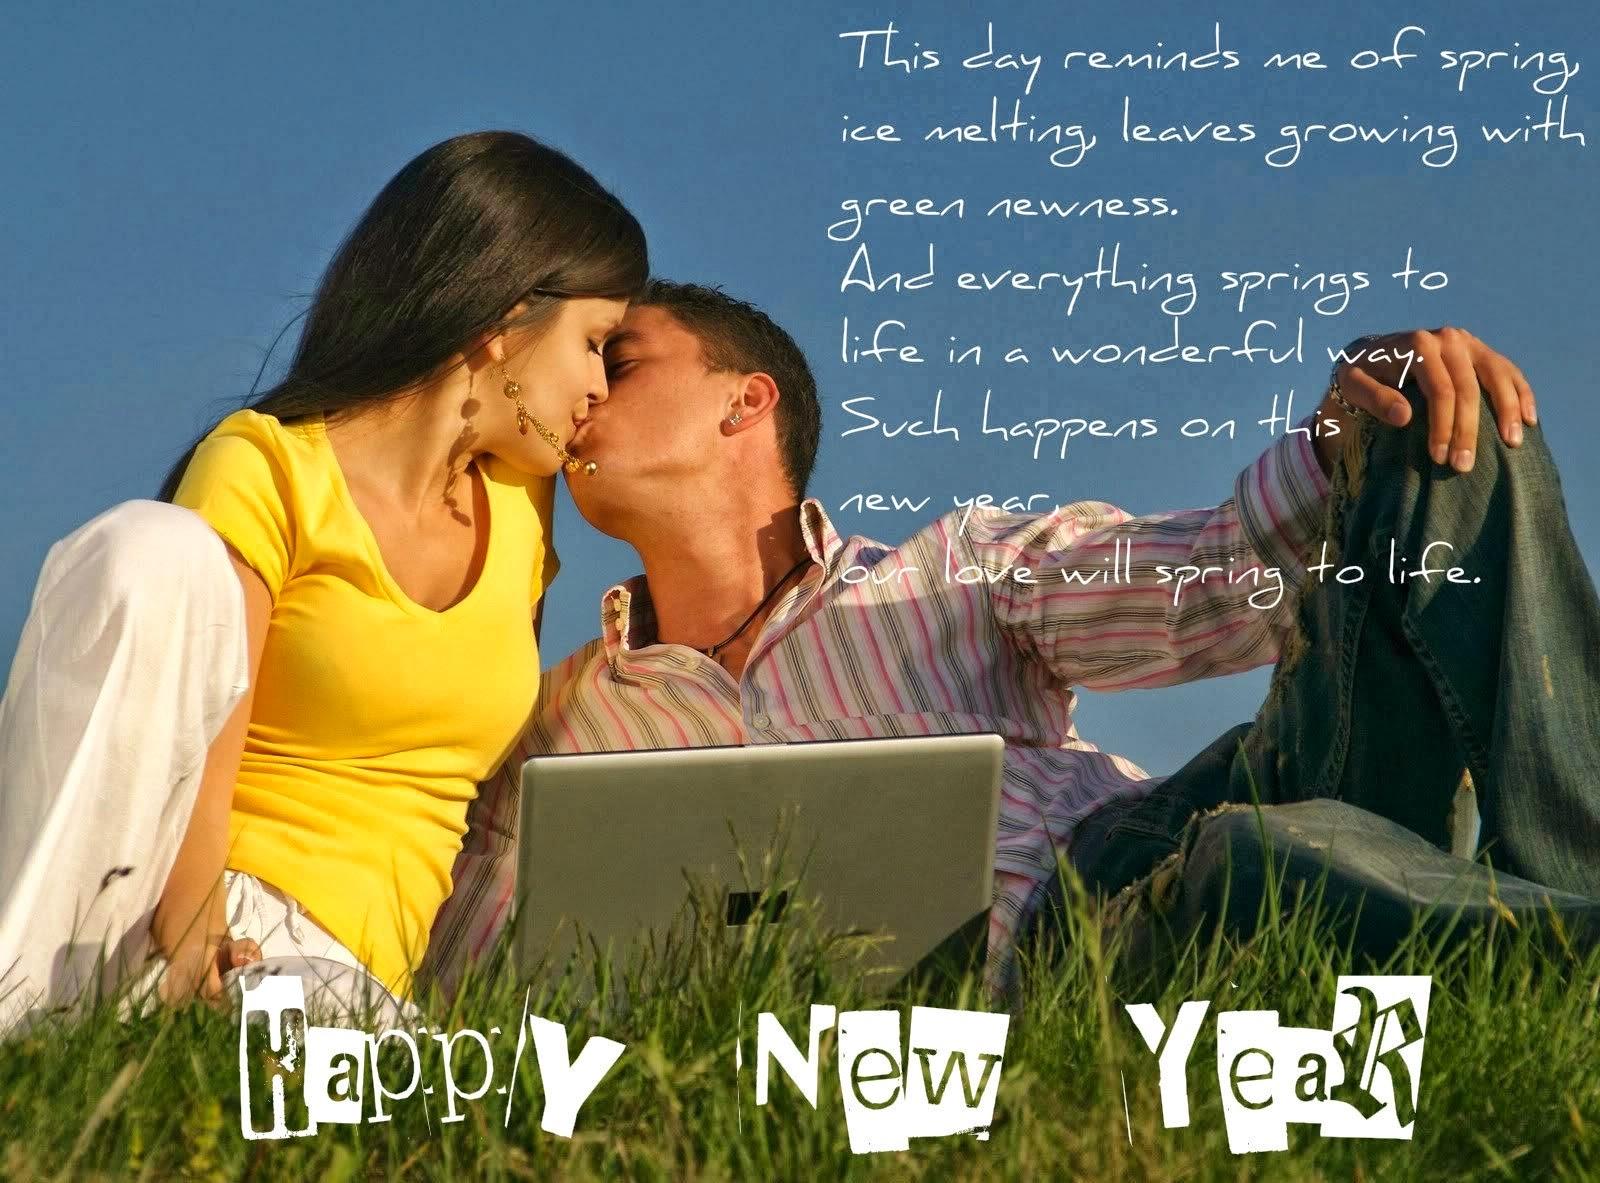 punjabi new year saying